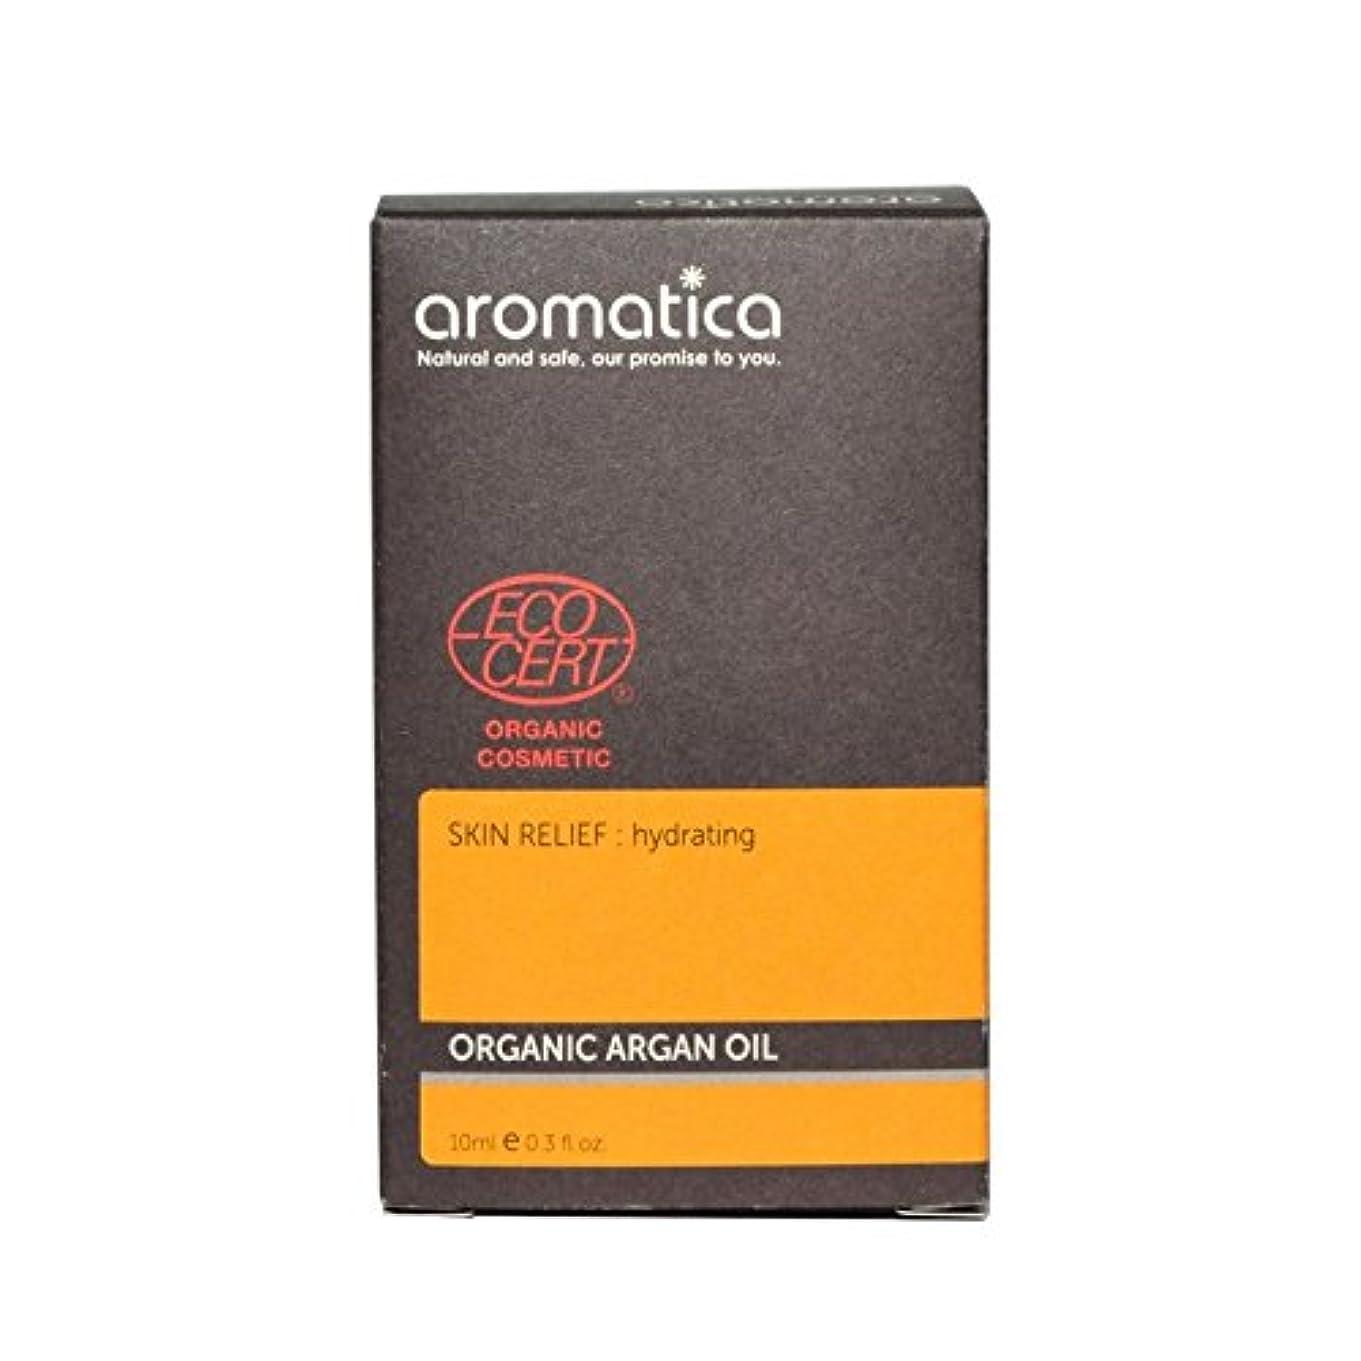 軍団運営配当aromatica Organic Argan Oil 10ml (Pack of 6) - オーガニックアルガンオイル10ミリリットル x6 [並行輸入品]